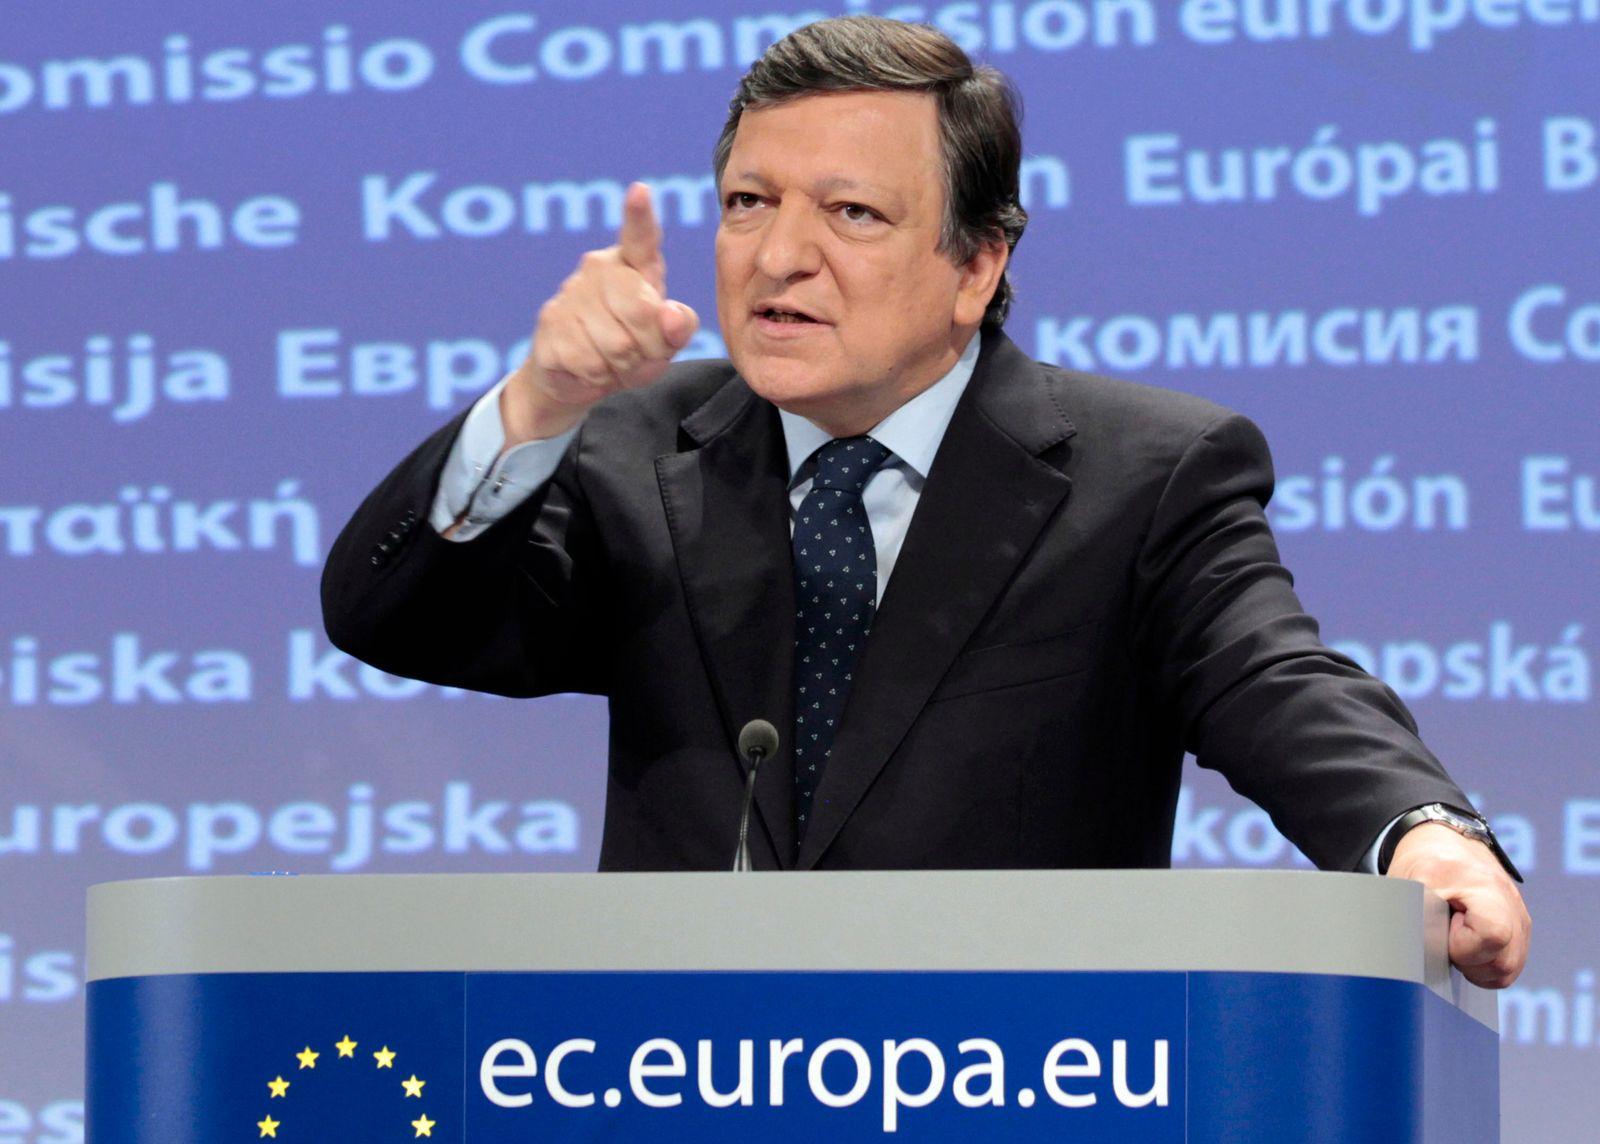 barosso EU finger